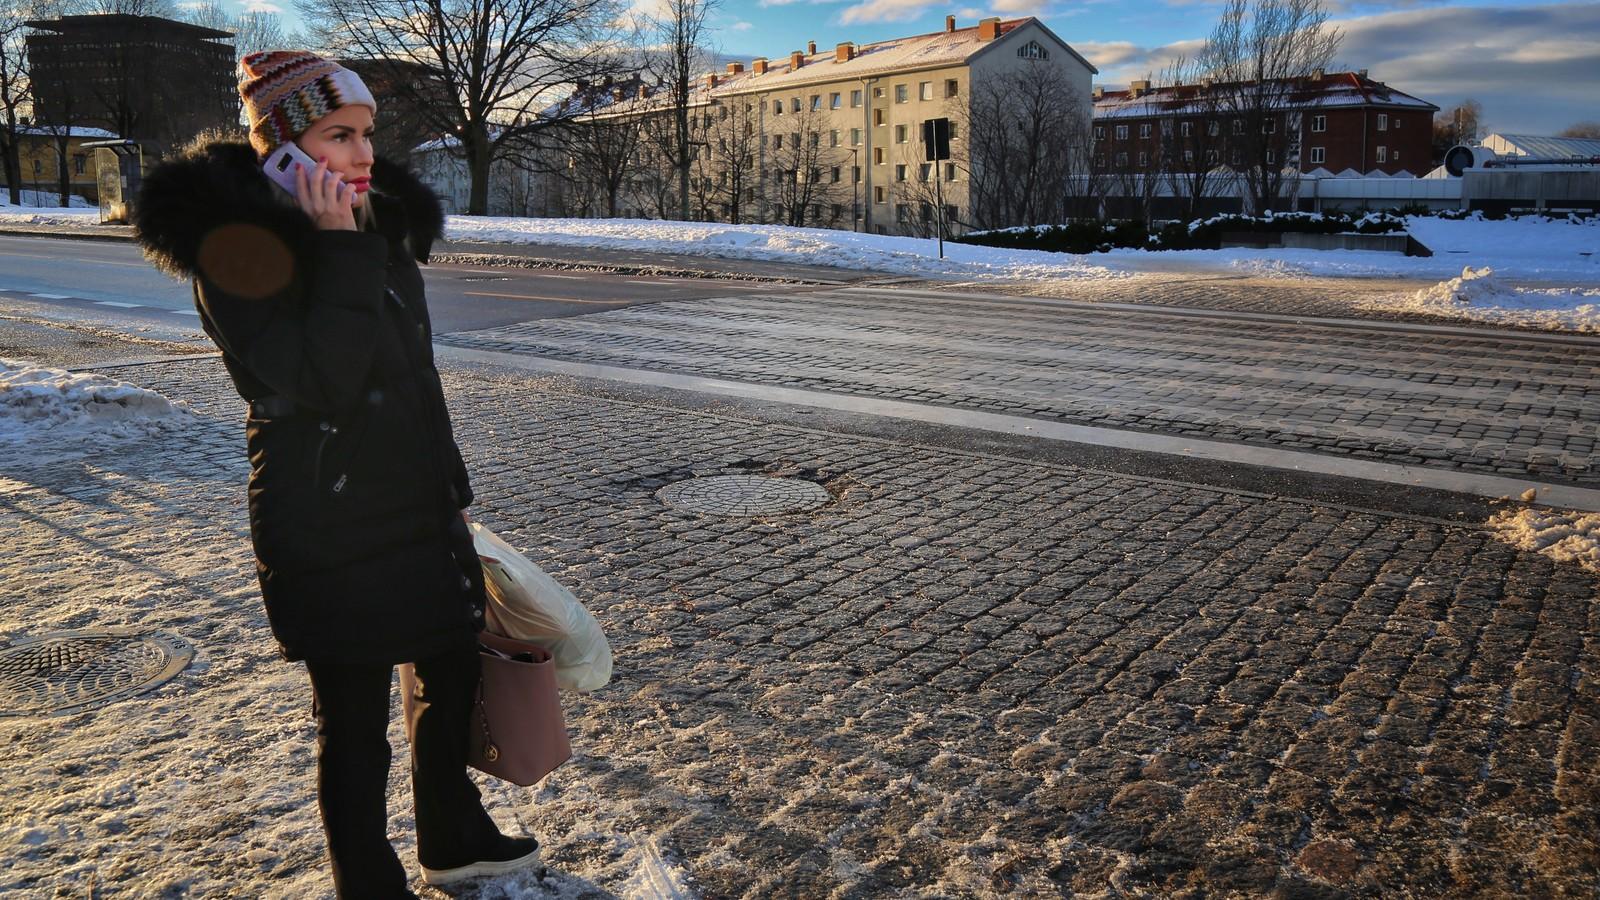 Ung kvinne ved en gate med blokker i bakgrunnen. Hun snakker i mobiltelefon og har vinterklær på seg. Ingen biler i gata.